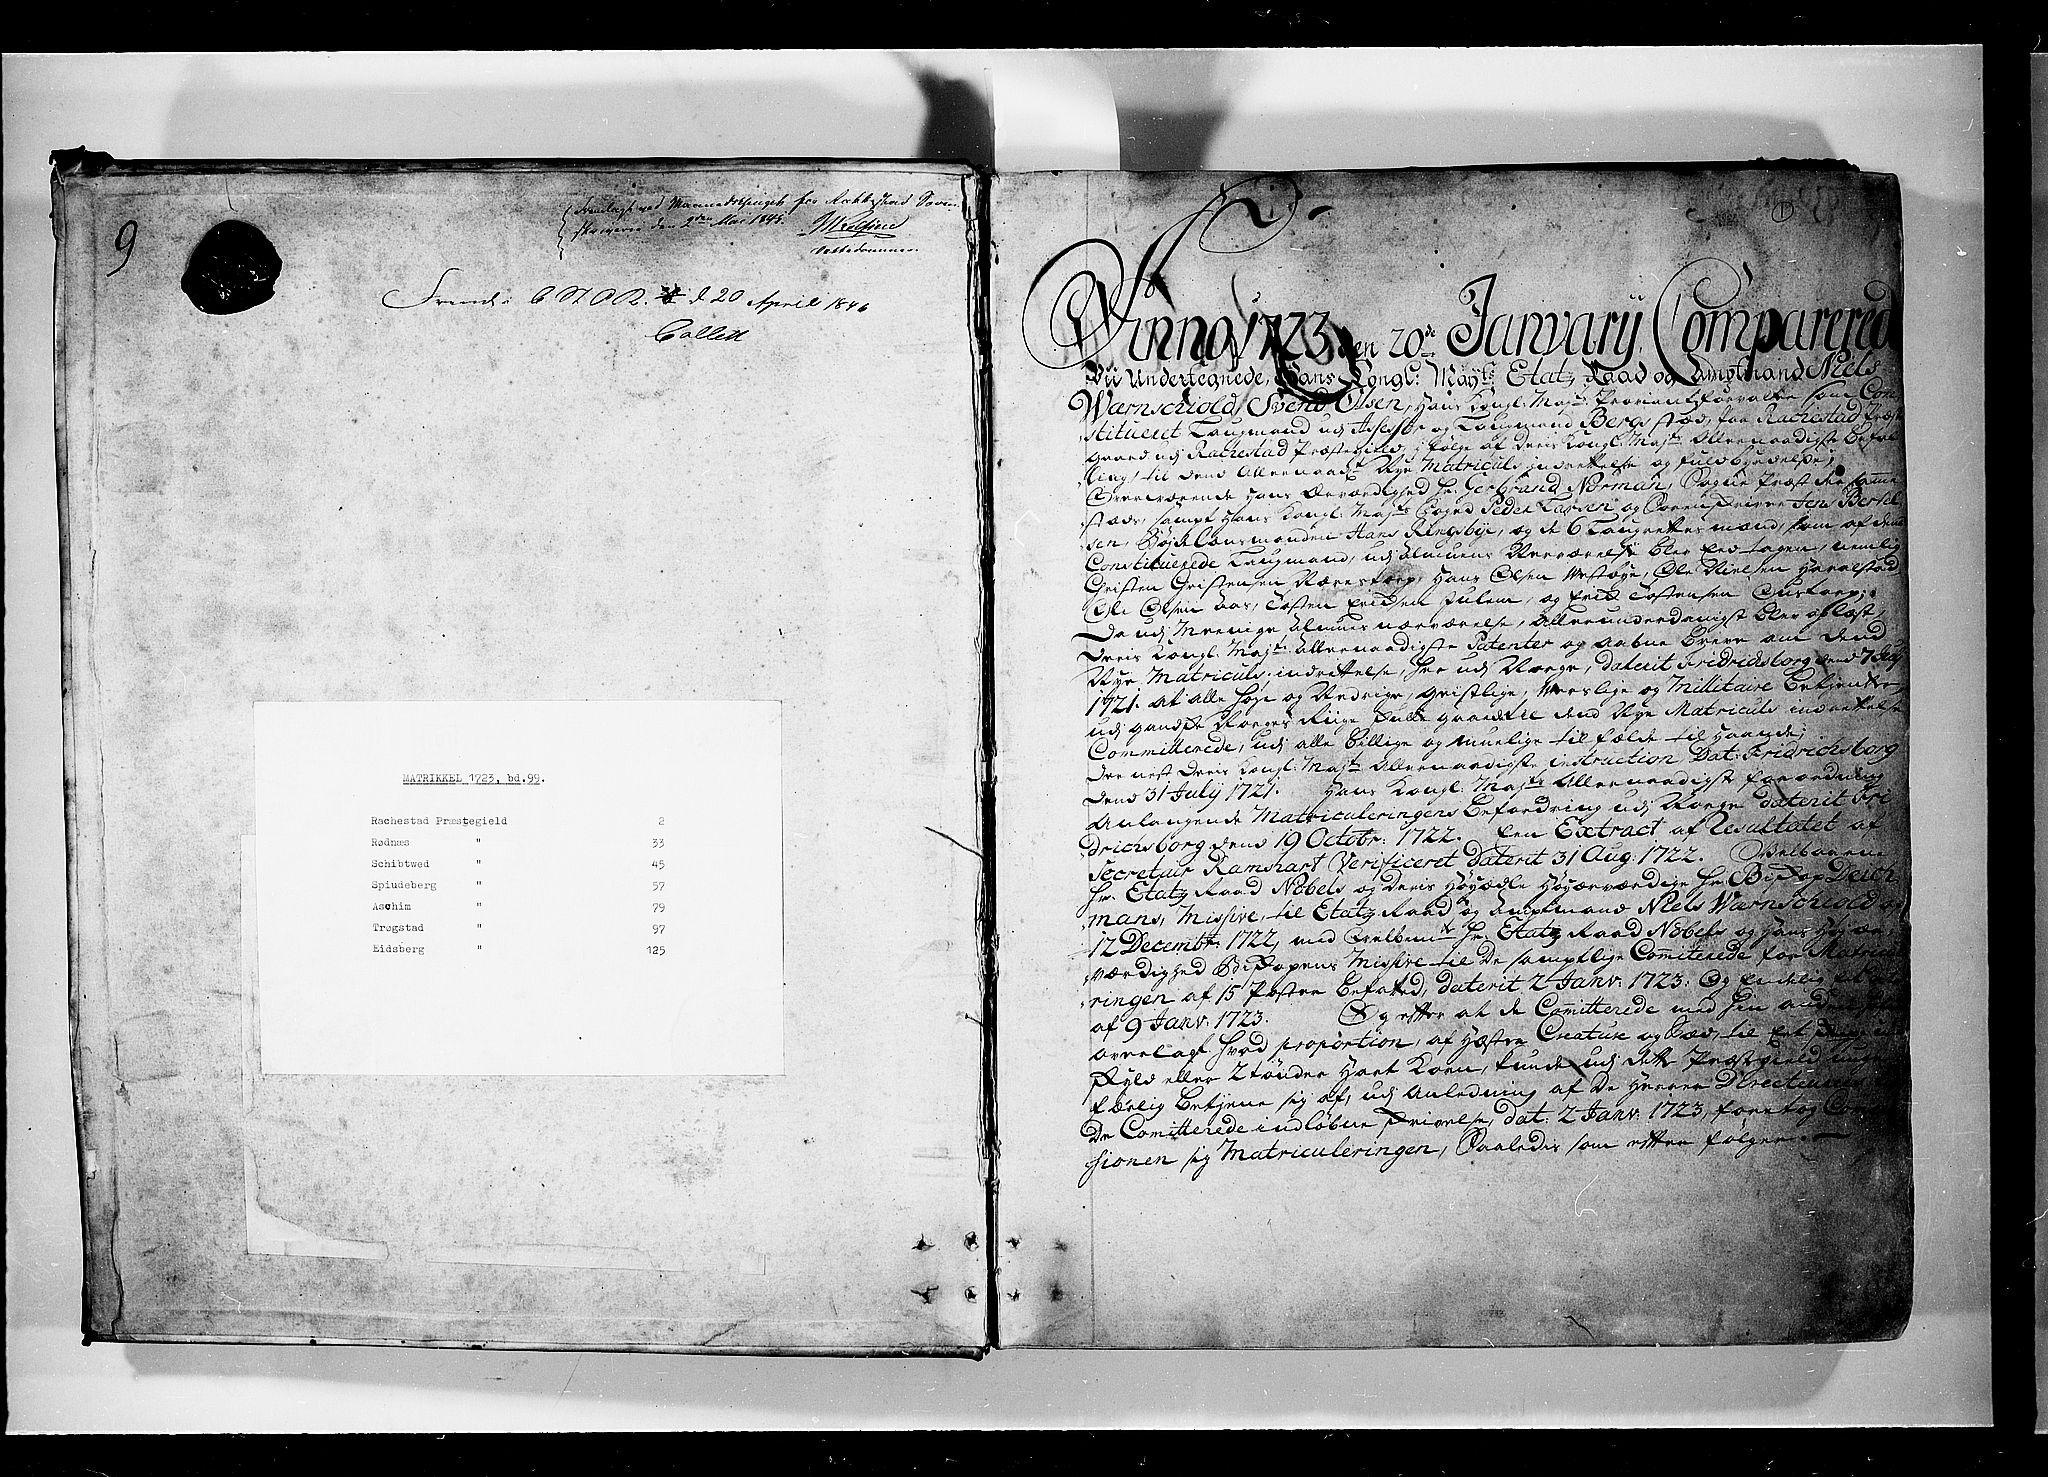 RA, Rentekammeret inntil 1814, Realistisk ordnet avdeling, N/Nb/Nbf/L0099: Rakkestad, Heggen og Frøland eksaminasjonsprotokoll, 1723, s. upaginert